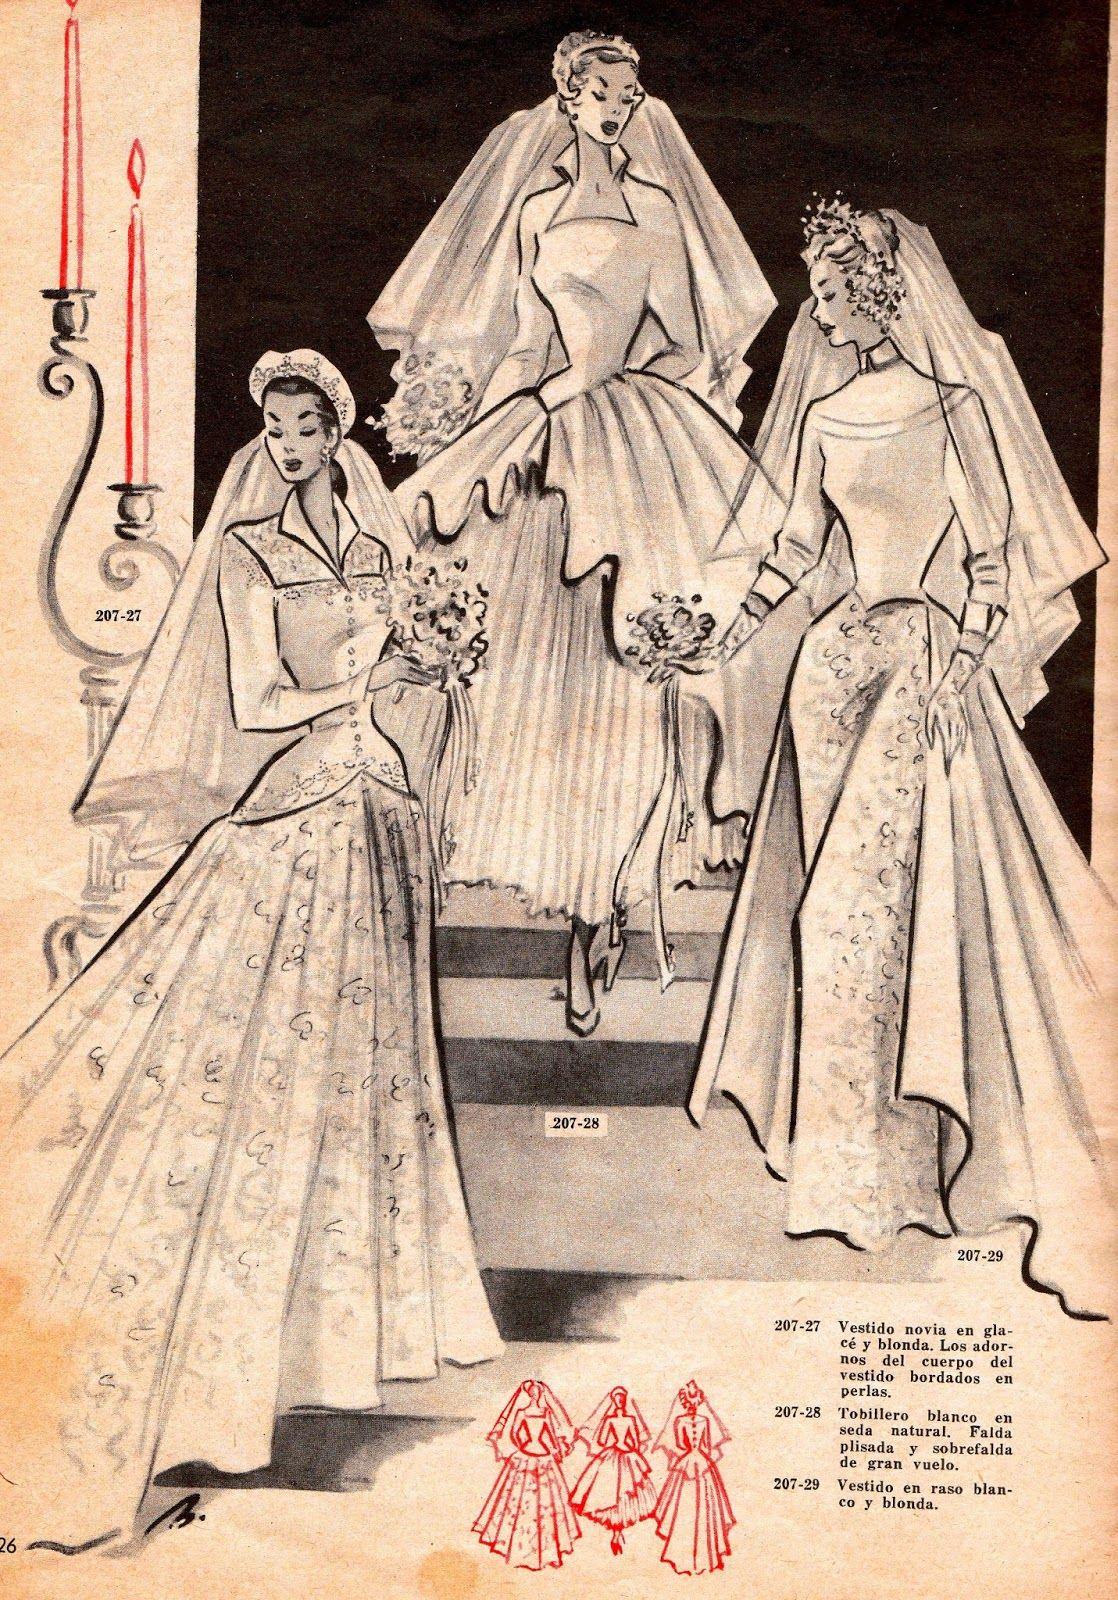 a4919dcbc2 Historia de la Moda y los Tejidos  LA MUJER Y LA MODA EN LA ESPAÑA DE LOS  AÑOS 50